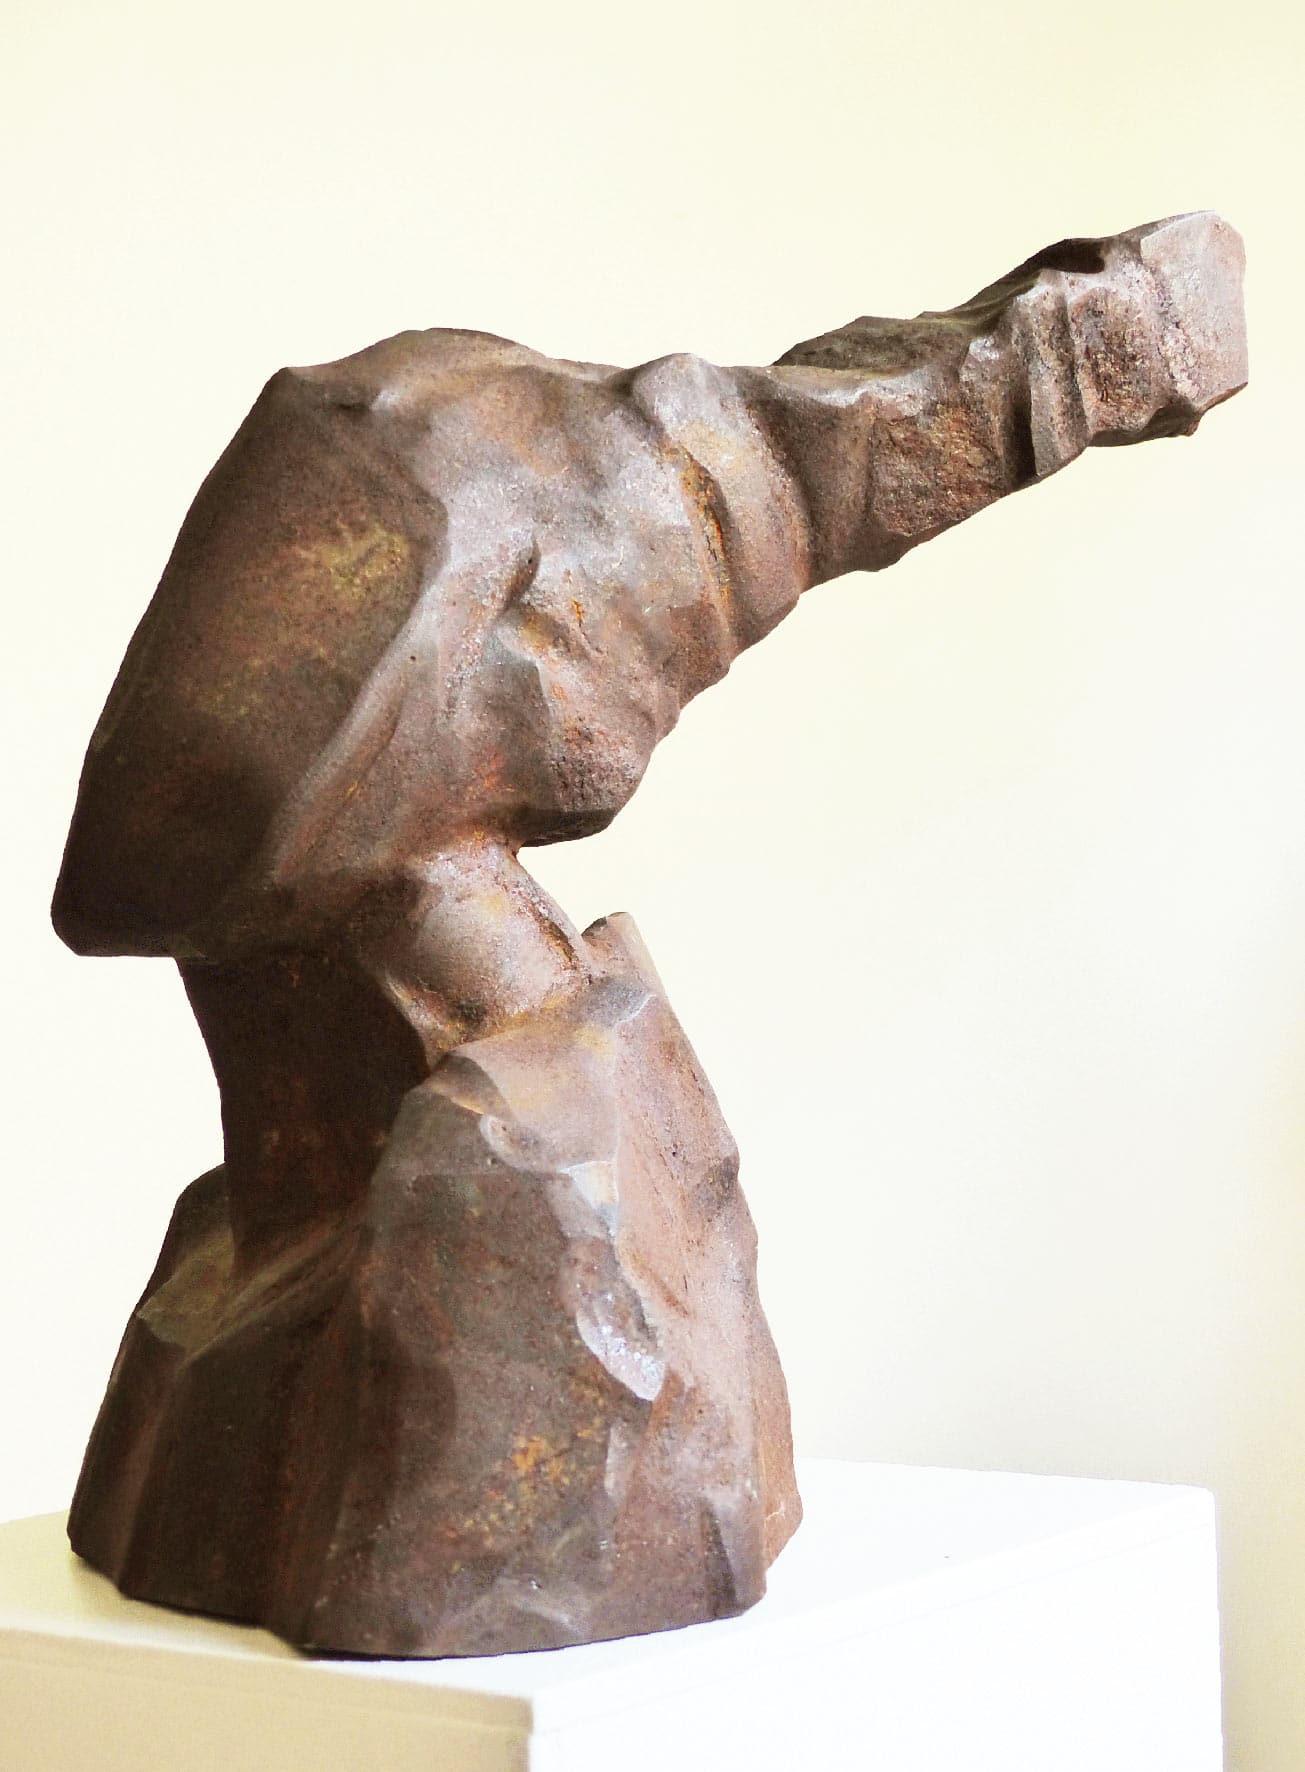 Chris-Kircher-Skulptur-aus-Stahl-Maedchenkopf-1